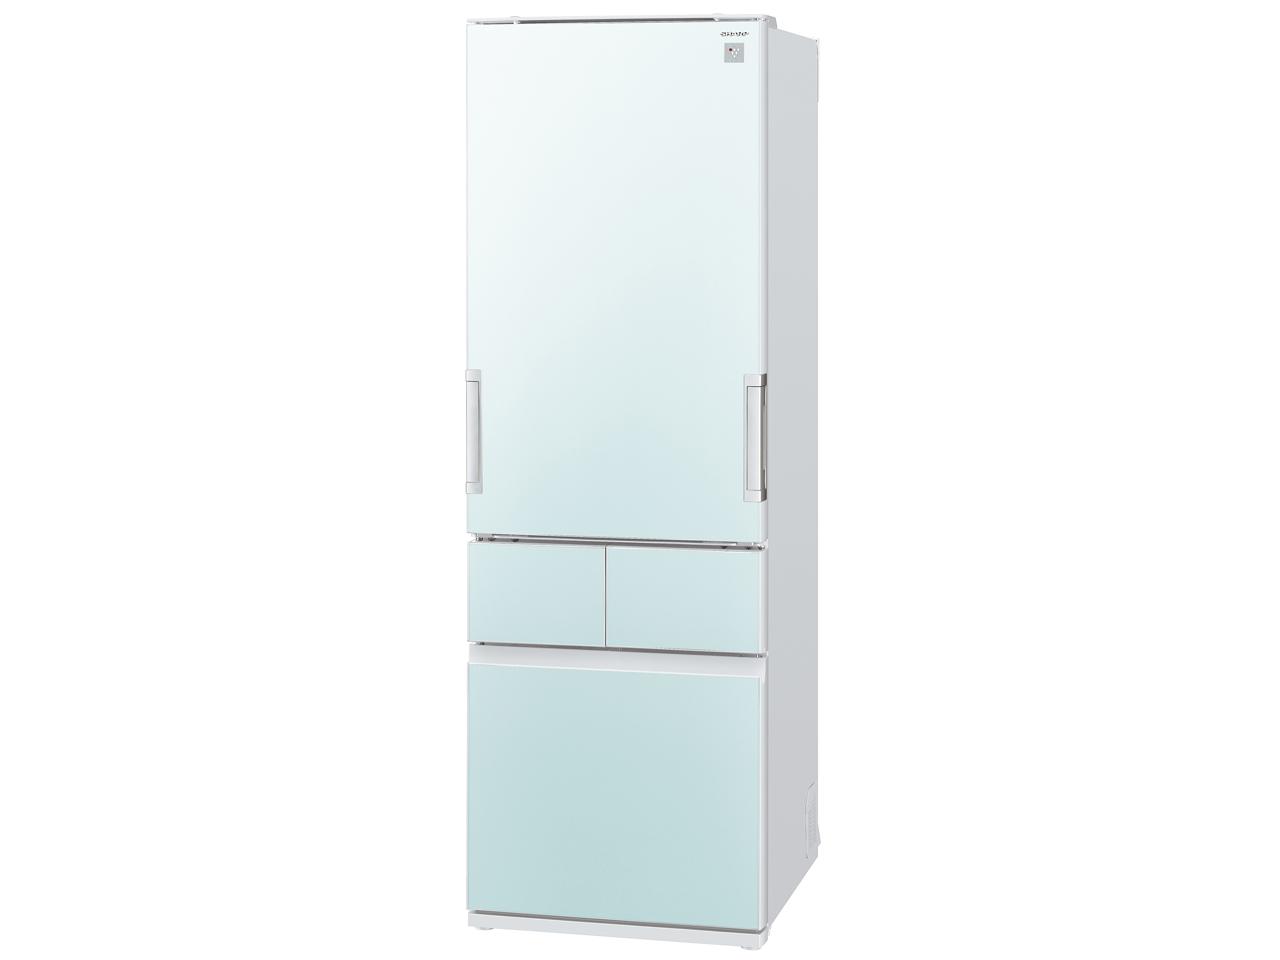 シャープ 冷蔵庫 価格